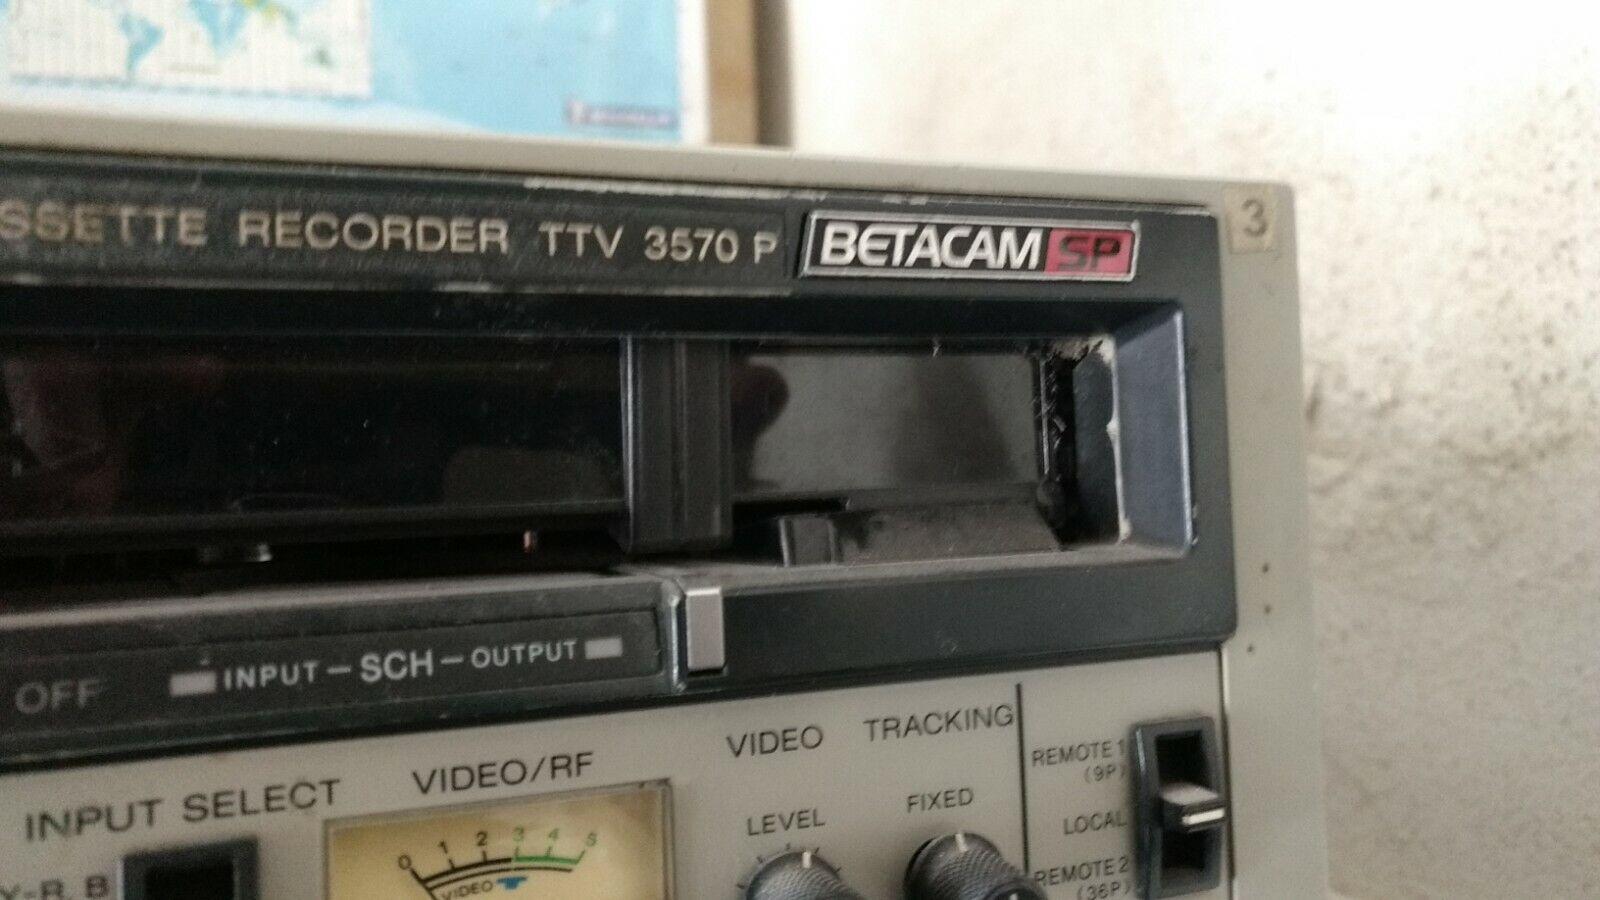 Betacam SP Thomson TTV 3570P